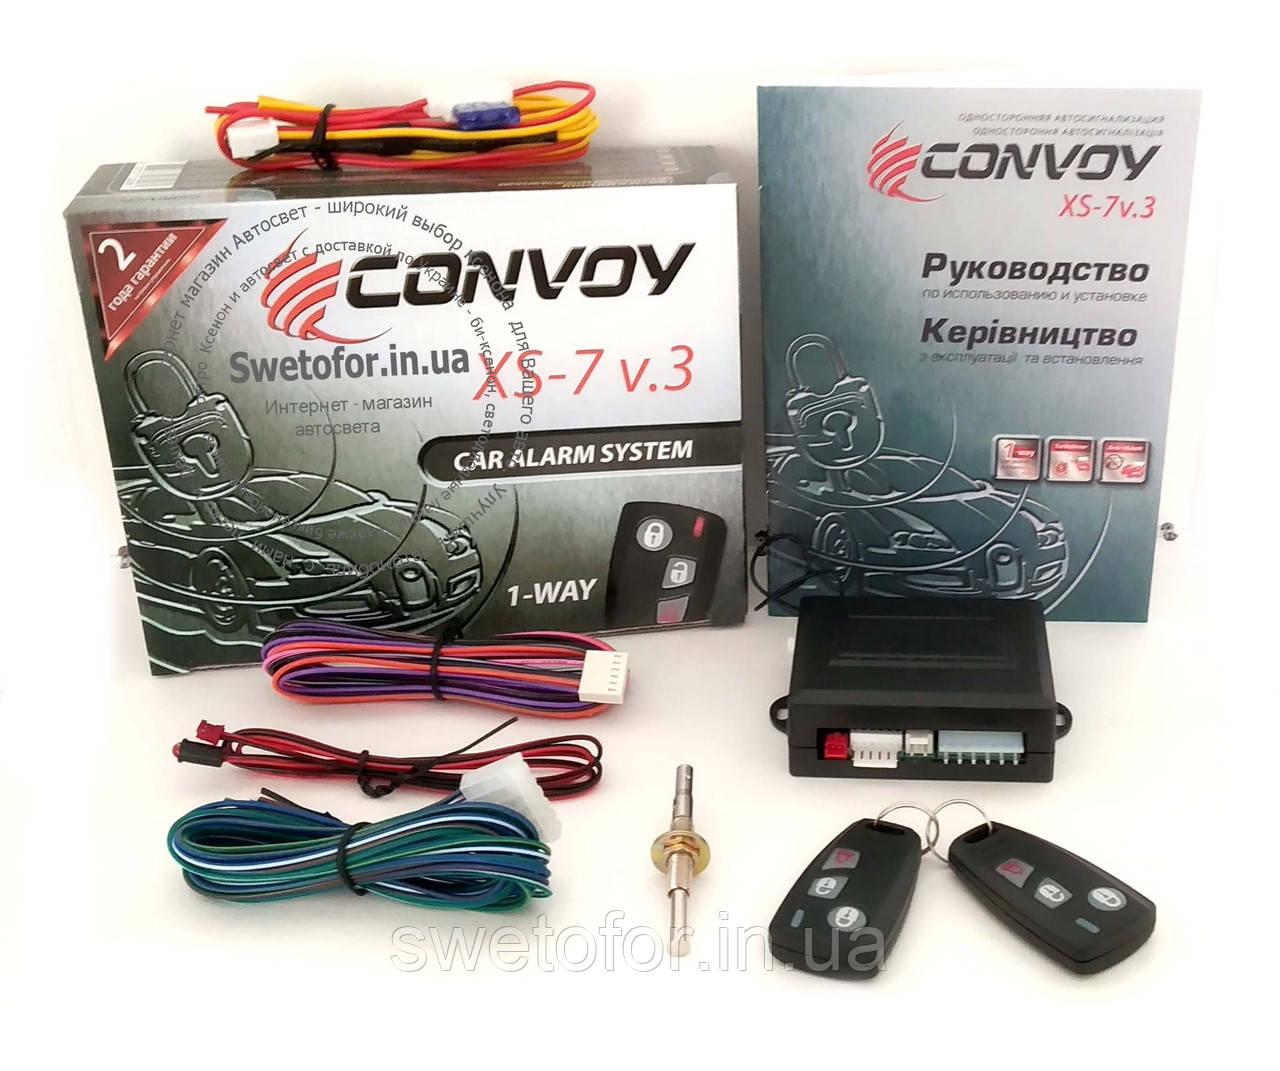 Сигнализация Convoy XS-7 v.3 для авто (силовые выходы). Гарантия 2 года! Качество.